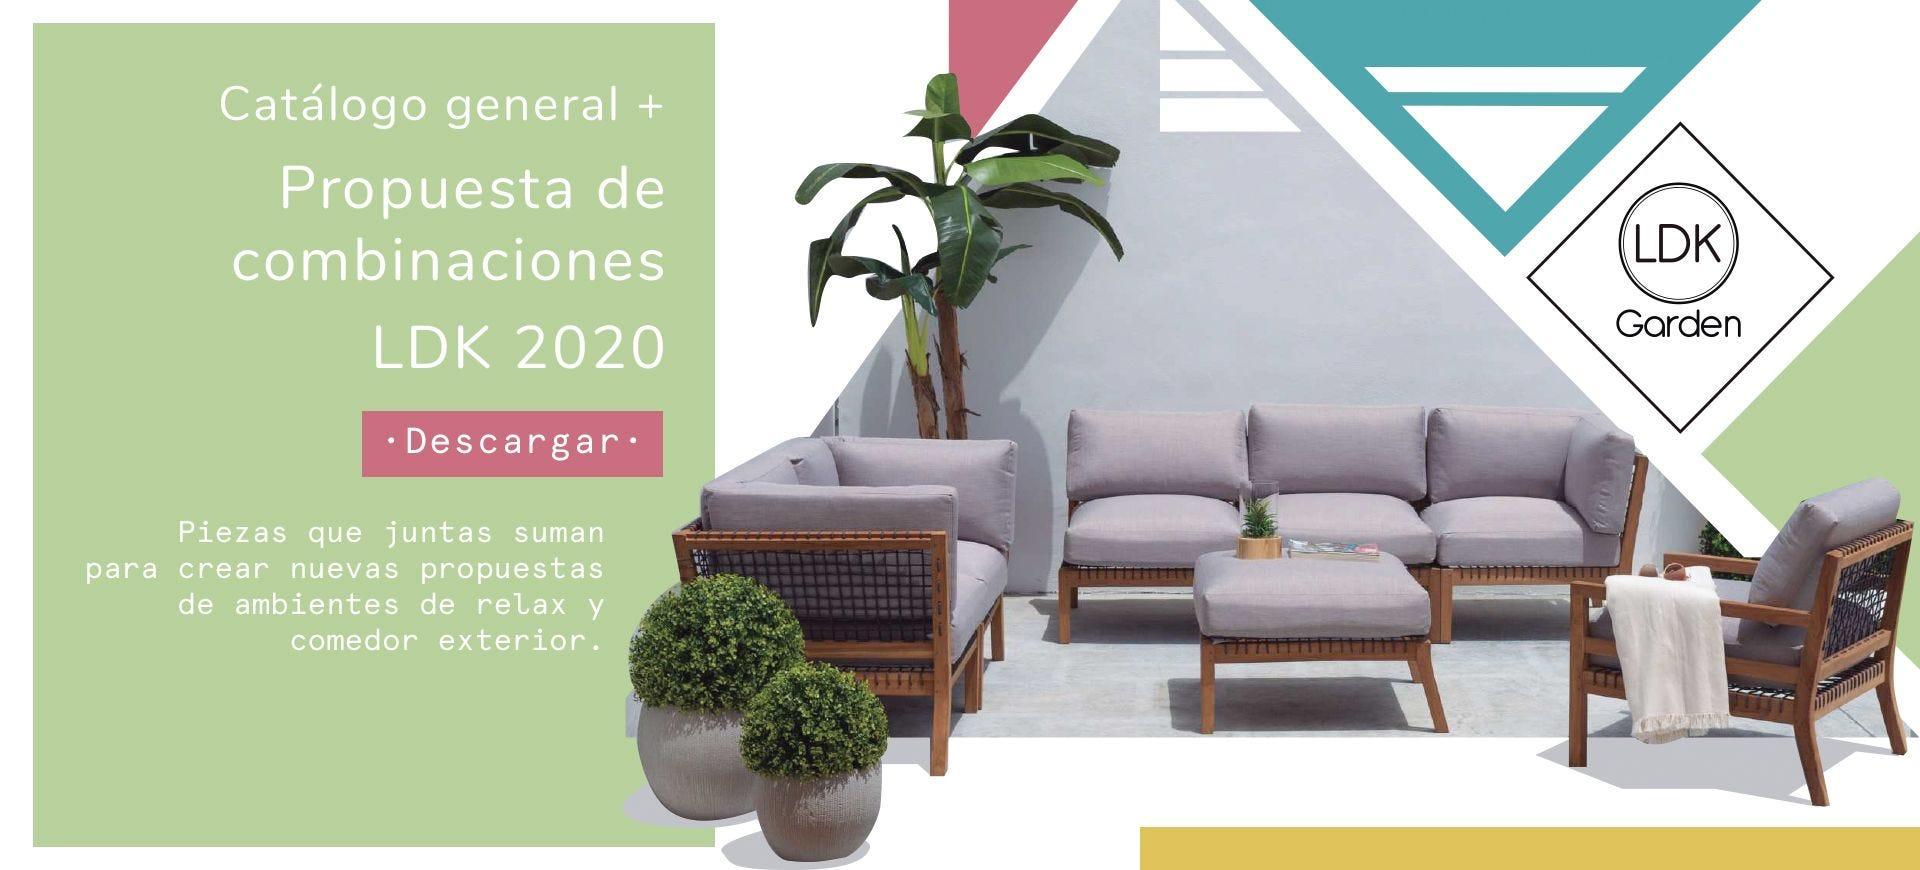 Propuesta de combinaciones + Catálogo 2020 | LDK Garden